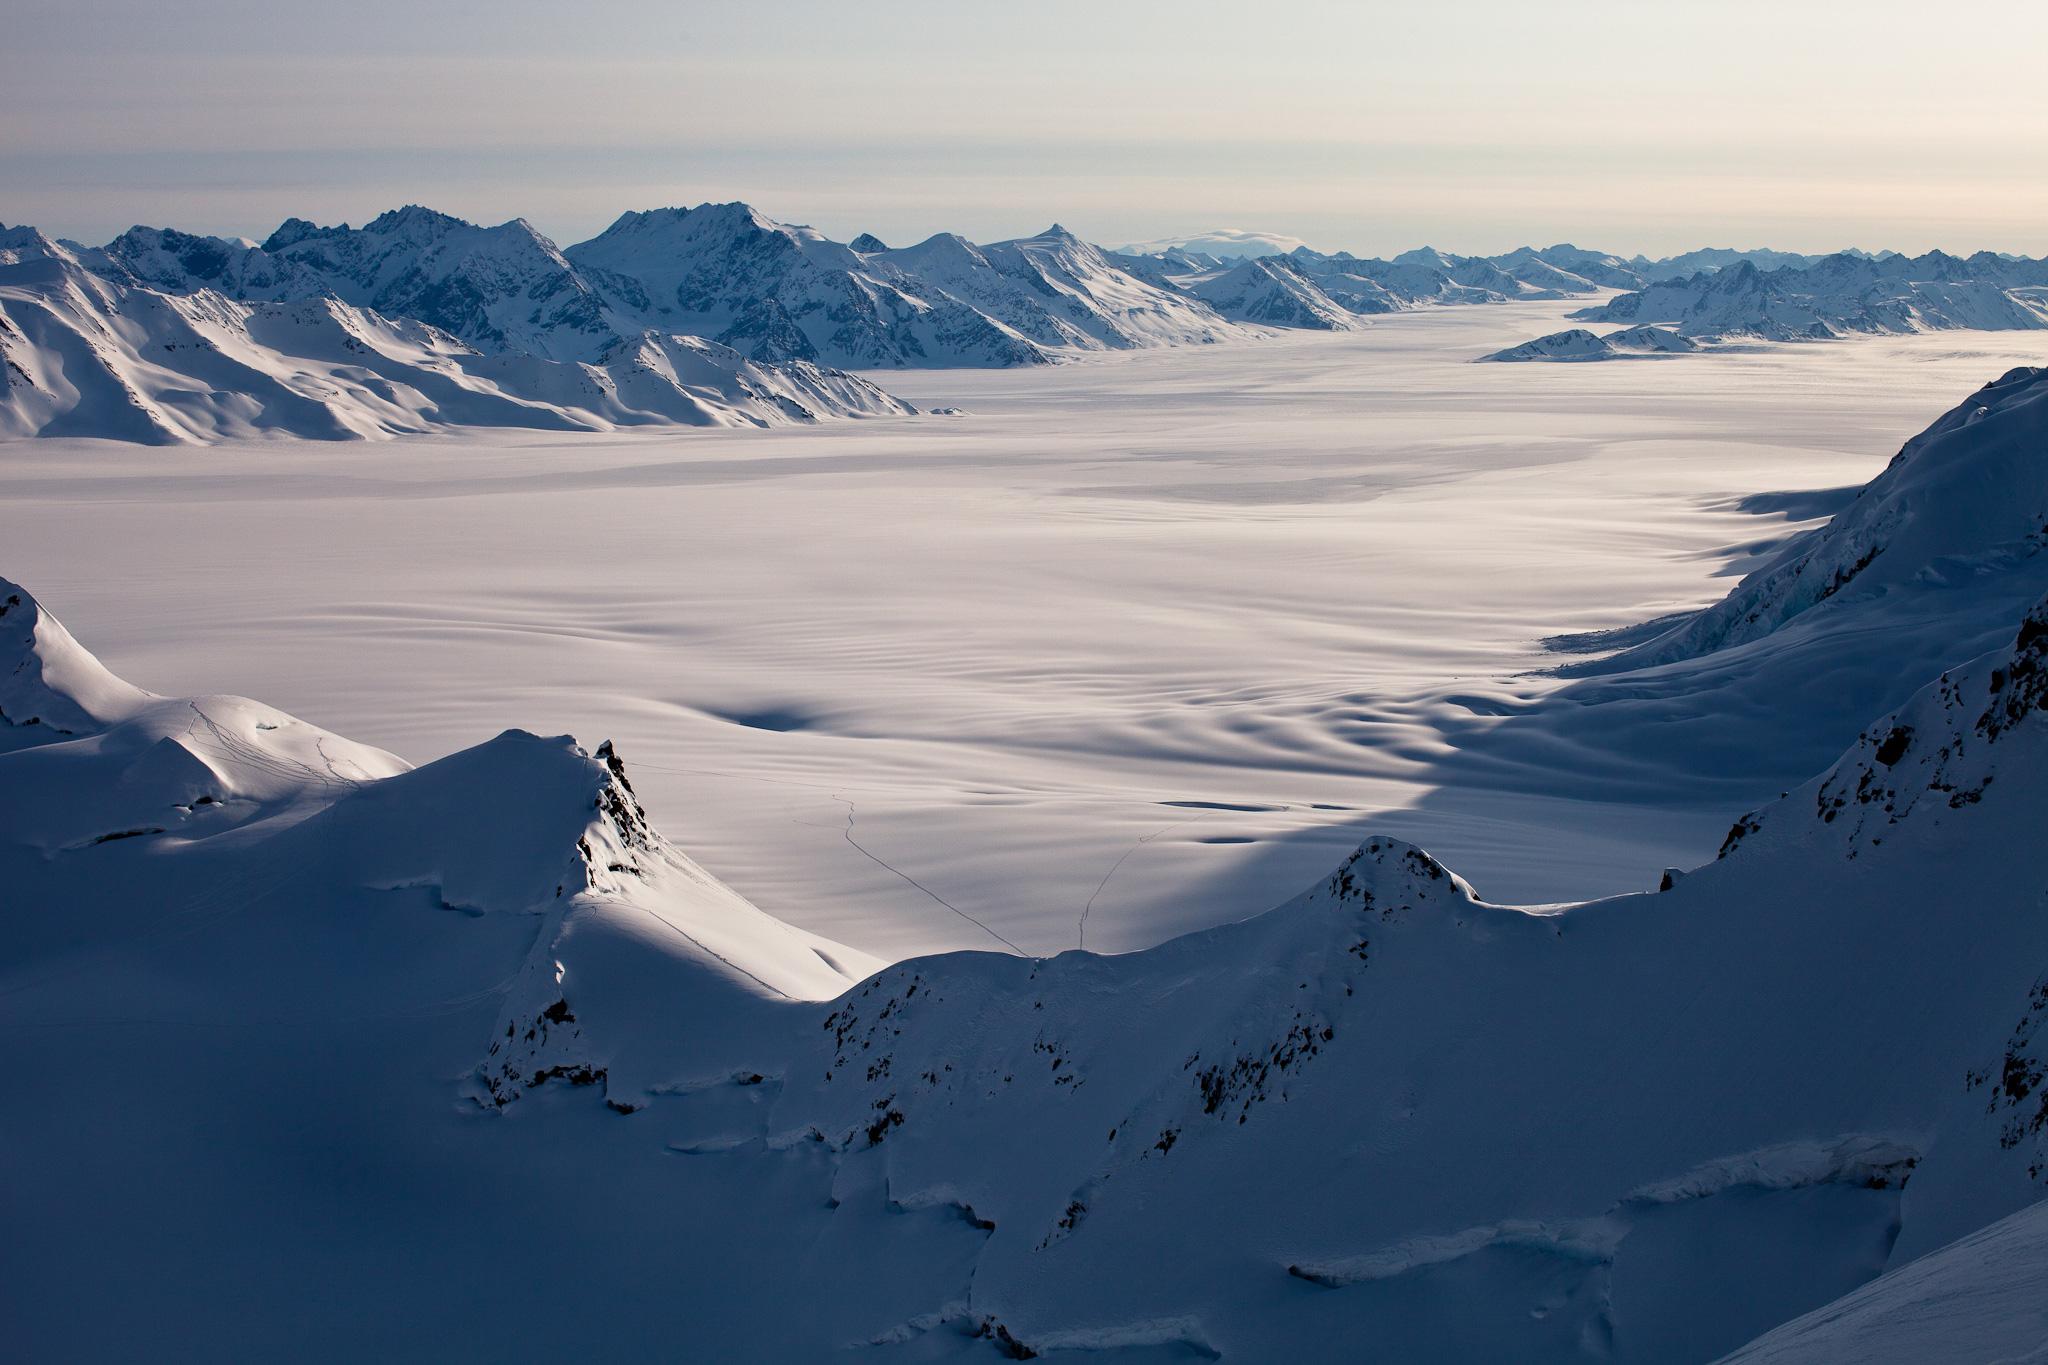 ice-field - définition - C'est quoi